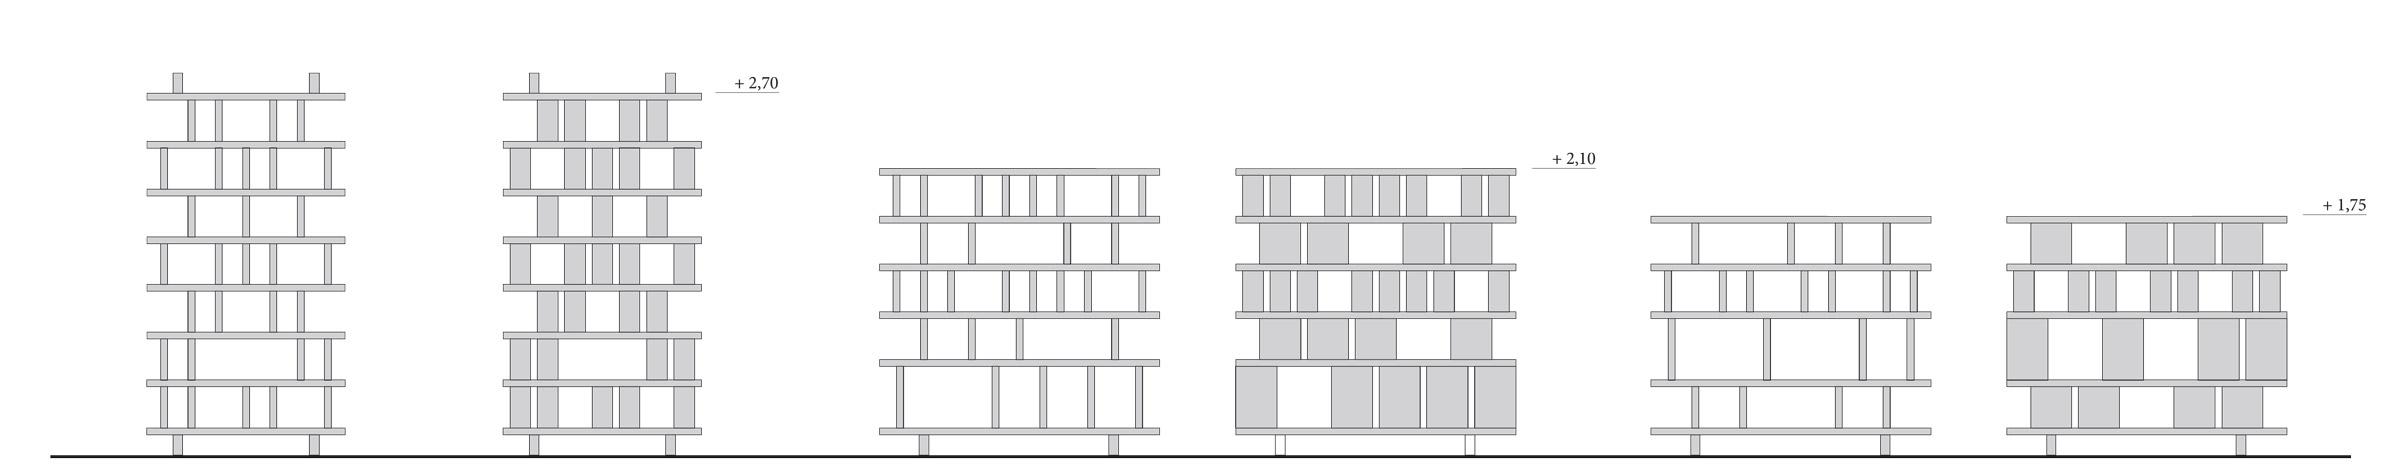 Gelosia, Fiemme 300, libreria in legno, Deferrari Modesti